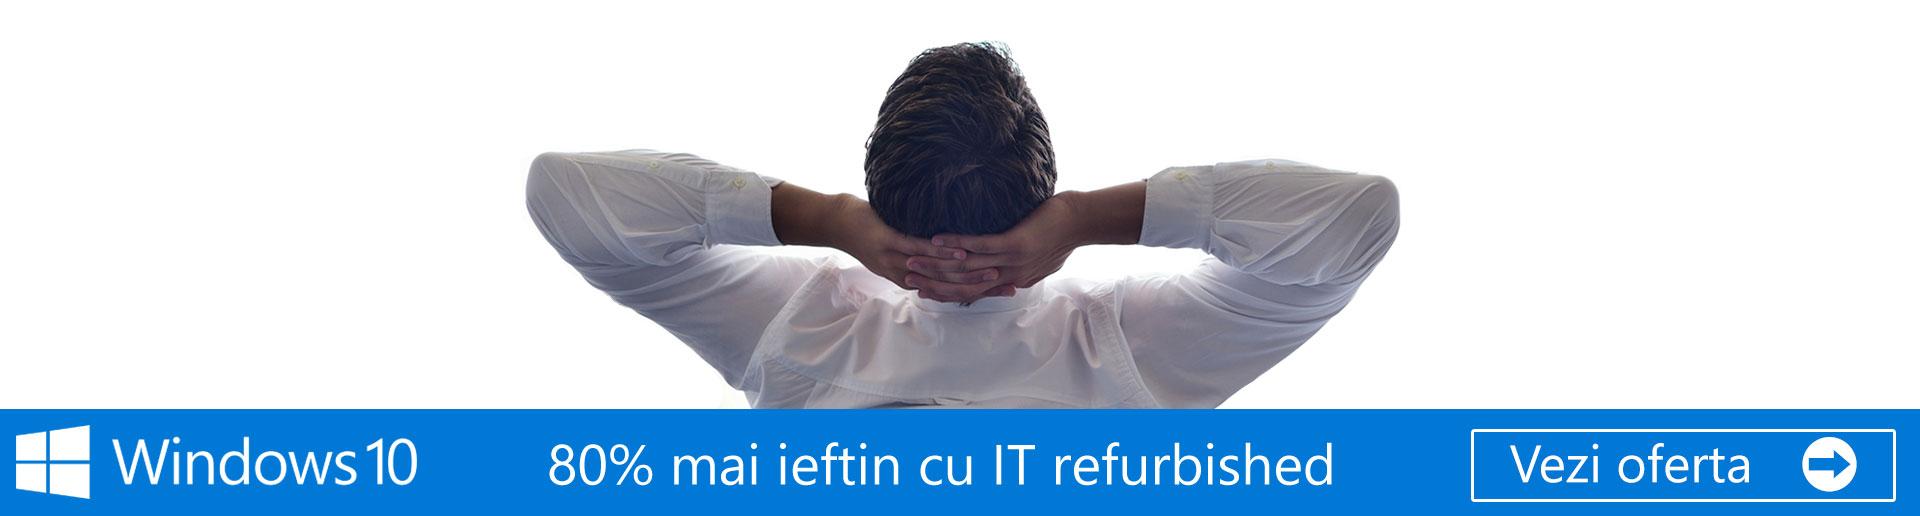 Windows -80%